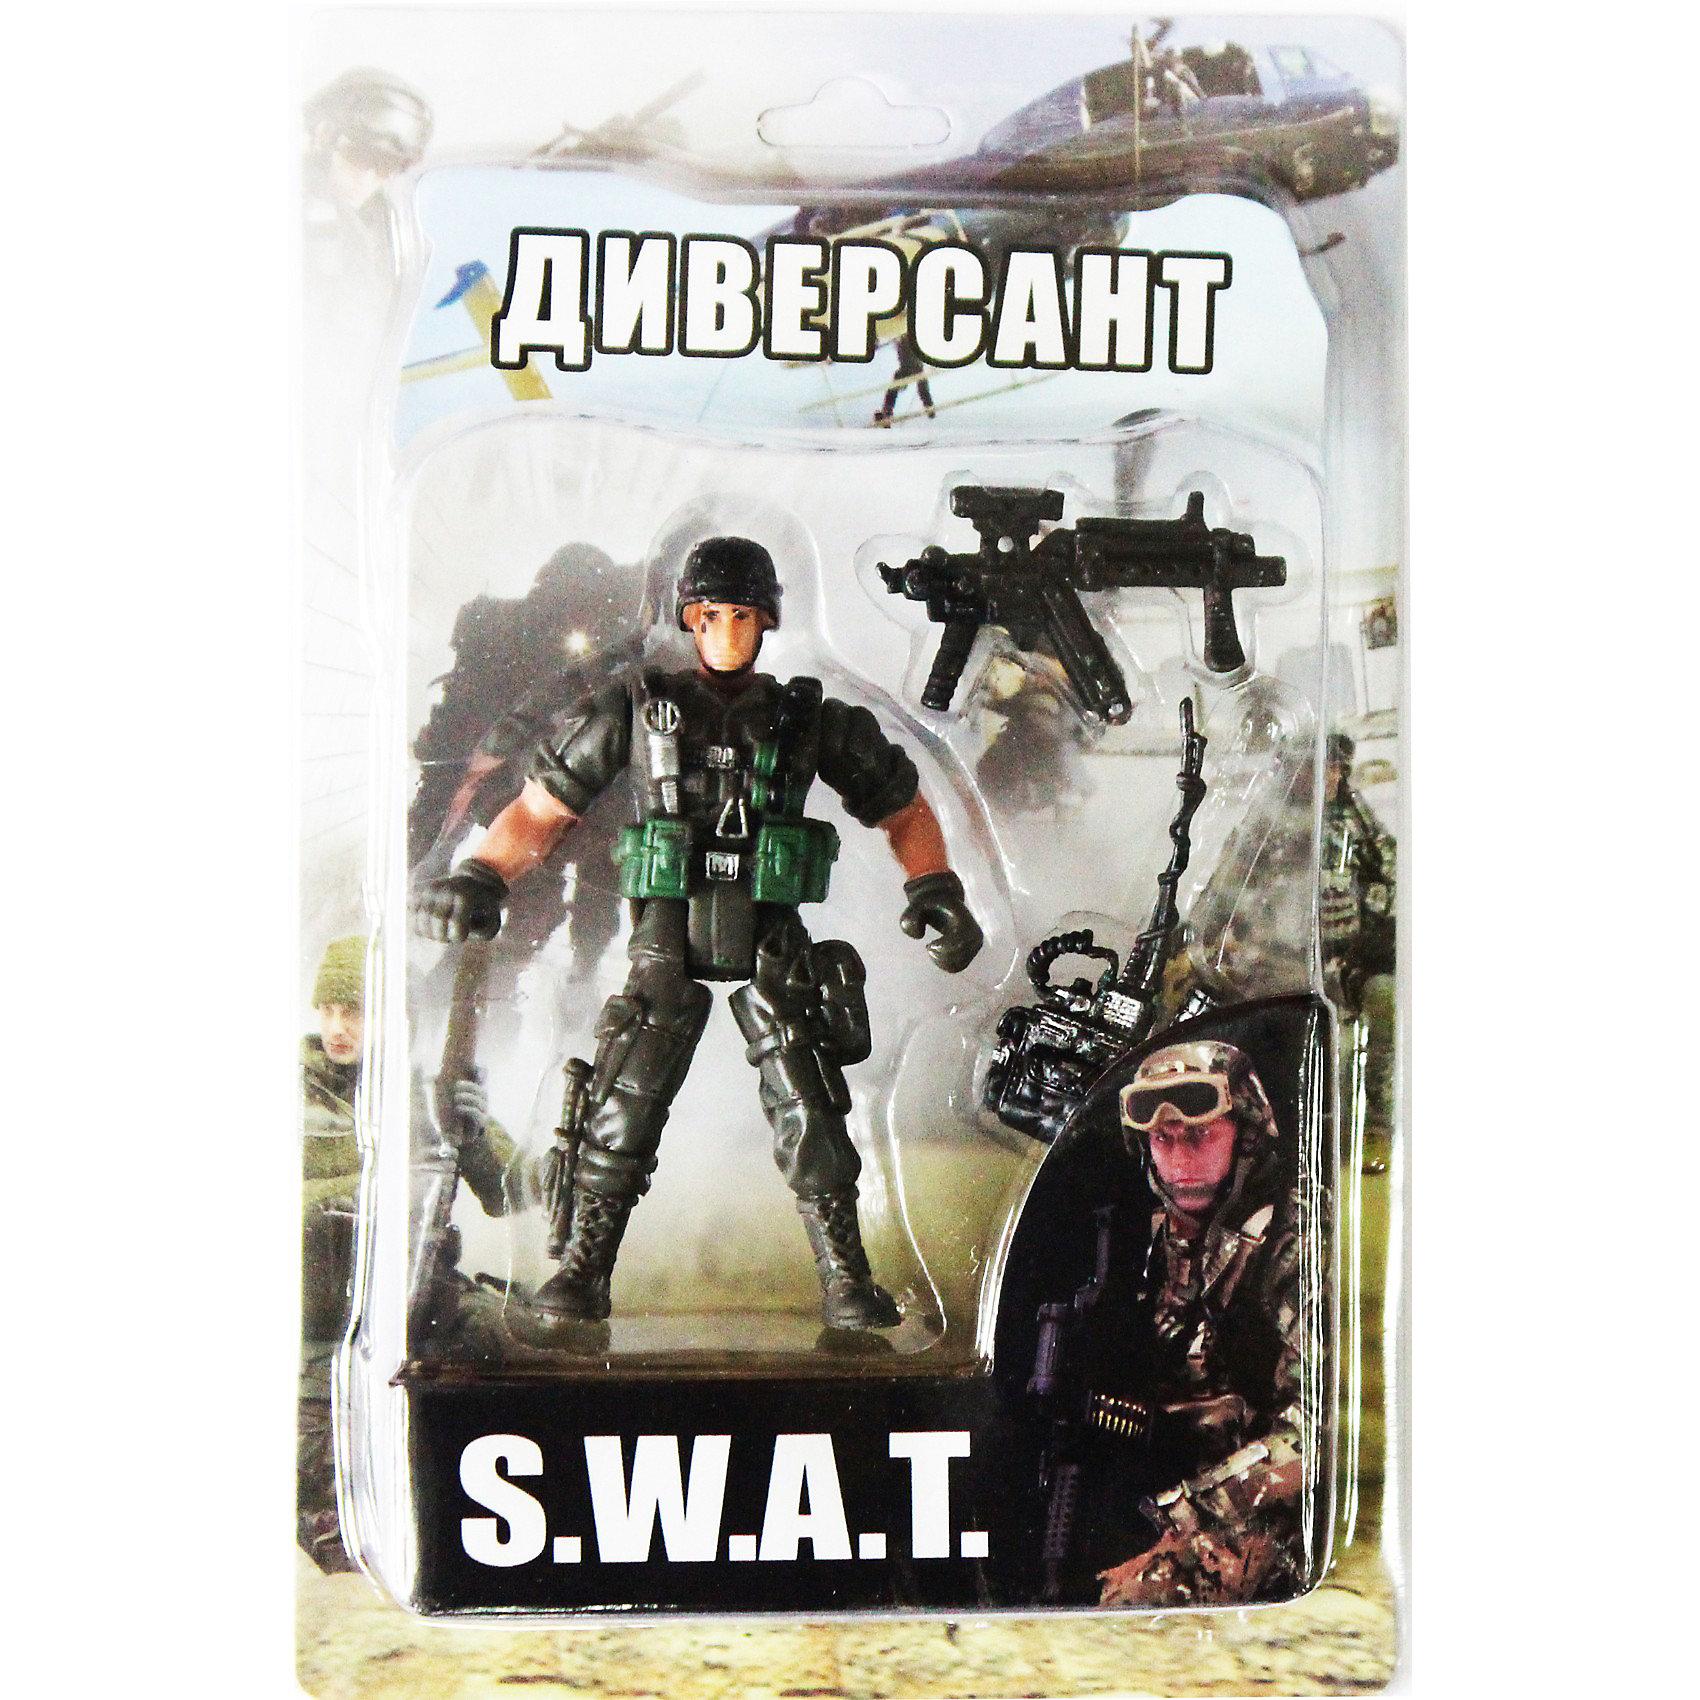 Фигурка Диверсант. Отряд SWATВсе мальчишки любят играть в войн и солдатиков, а когда это бойцы спецподразделения SWAT (Special Weapons and Tactics), игра становится еще более интересной. Цель бойцов спецназа - обеспечение огневой мощи в ходе специальных операций в ситуациях, характеризующихся высокой степенью риска, где специальная тактика необходима для минимизации потерь.<br>Диверсант - боец спецподразделения, осуществляющий скрытую подготовку и реализацию уничтожения важных объектов командной и снабженческой структуры.<br><br>Дополнительная информация:<br><br>- высота: около 10 см<br>- у фигурки подвижные руки и ноги<br>- размер упаковки: 14 х 20 х 4 см<br>- материал: пластик<br>- в комплекте аксессуары: рация и автомат<br><br>Фигурку  Диверсанта. Отряд SWAT можно купить в нашем магазине.<br><br>Ширина мм: 40<br>Глубина мм: 140<br>Высота мм: 200<br>Вес г: 200<br>Возраст от месяцев: 36<br>Возраст до месяцев: 120<br>Пол: Мужской<br>Возраст: Детский<br>SKU: 3730514